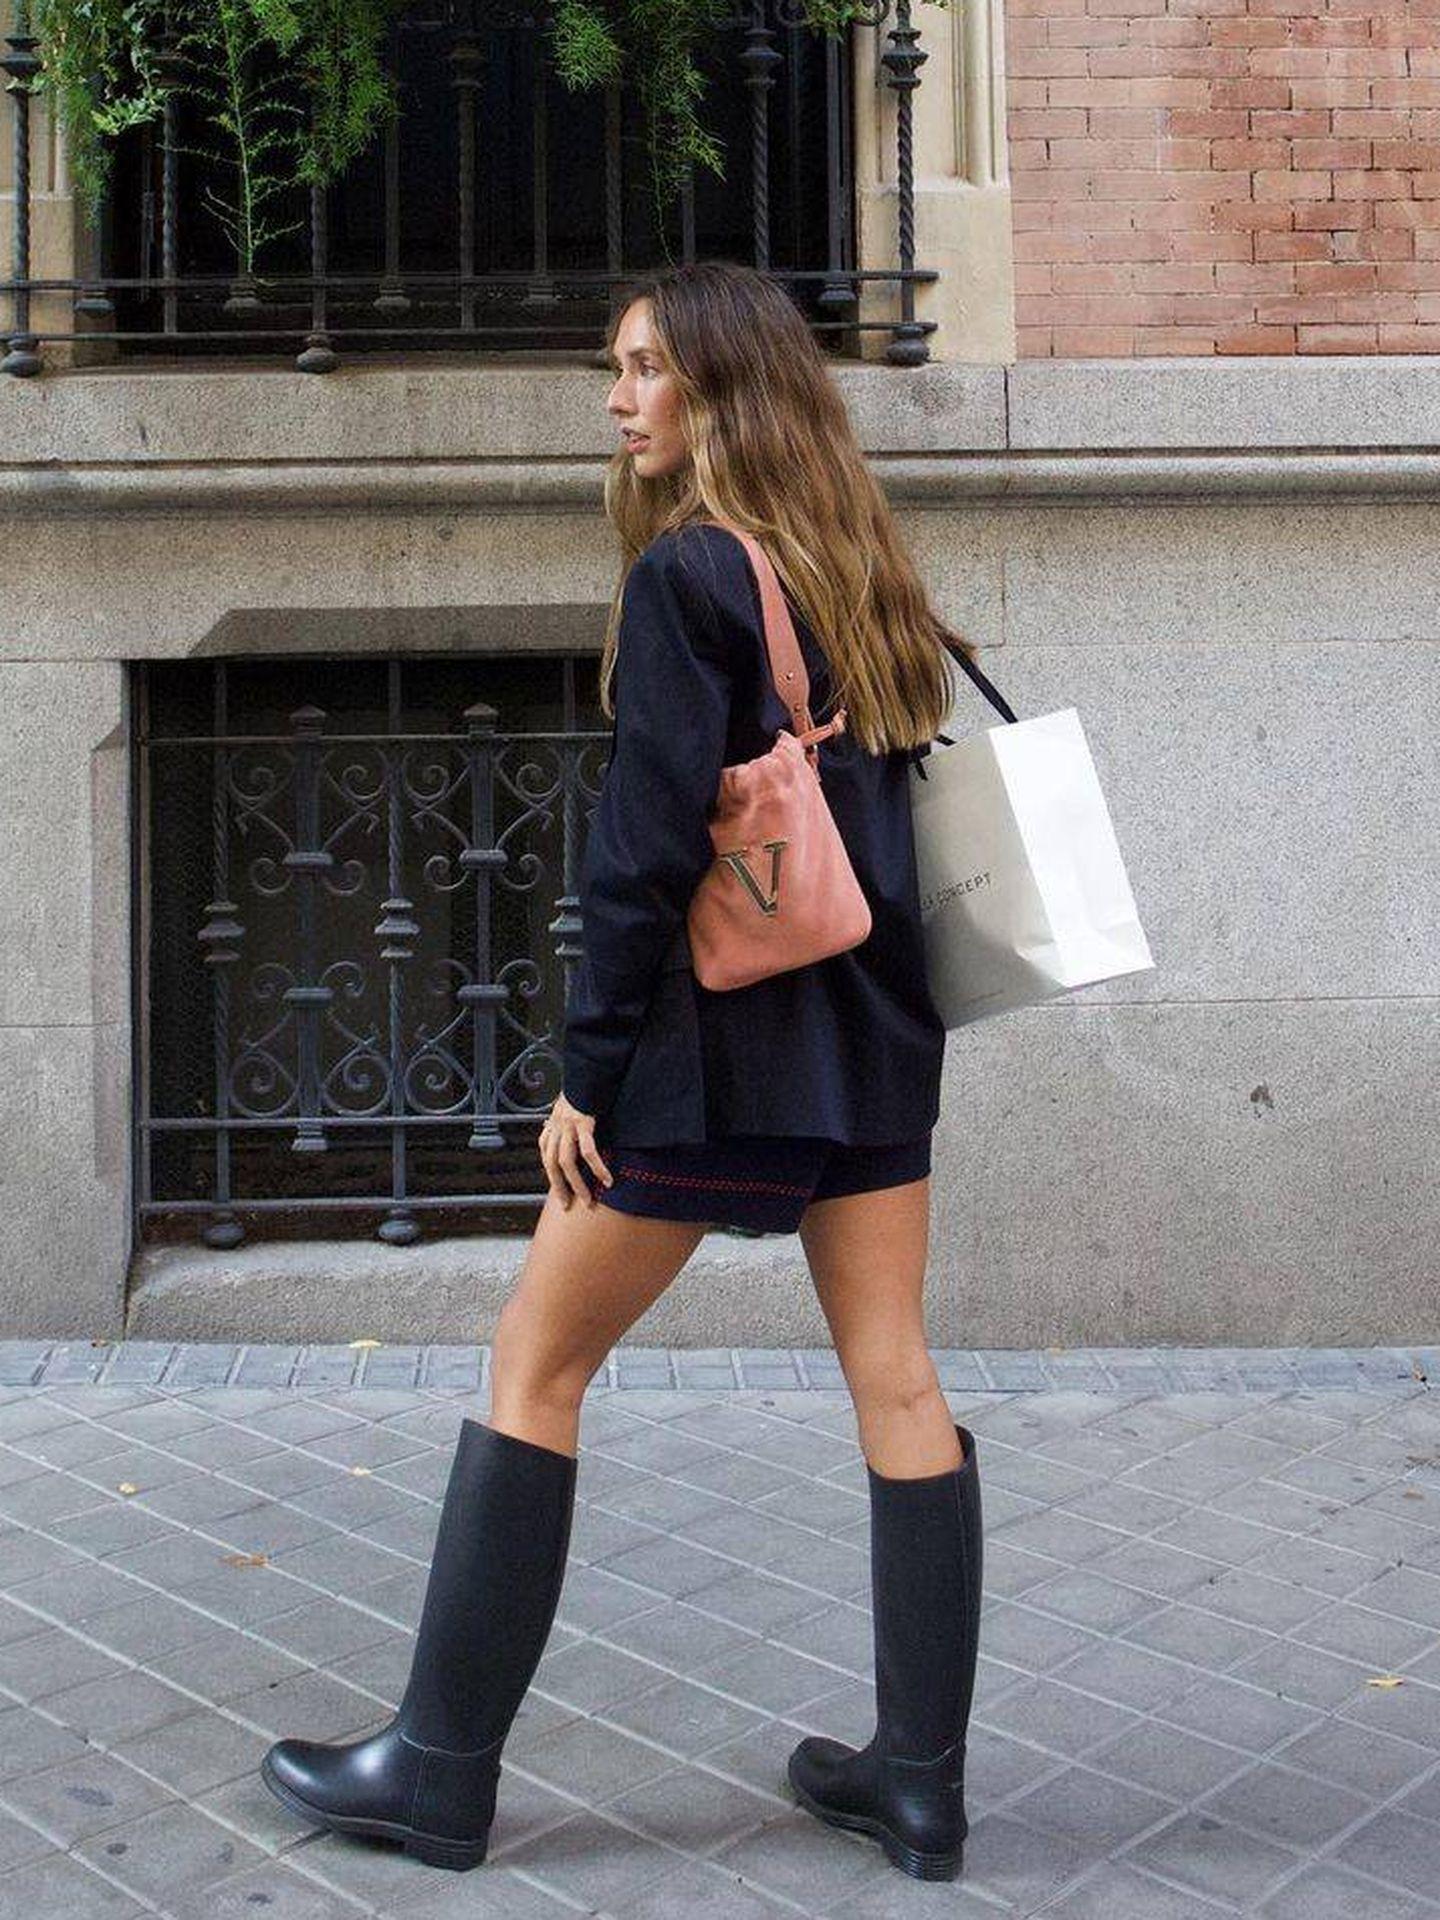 Grace Villarreal con las las botas de equitación de Decathlon. (Instagram, @gracyvillarreal)